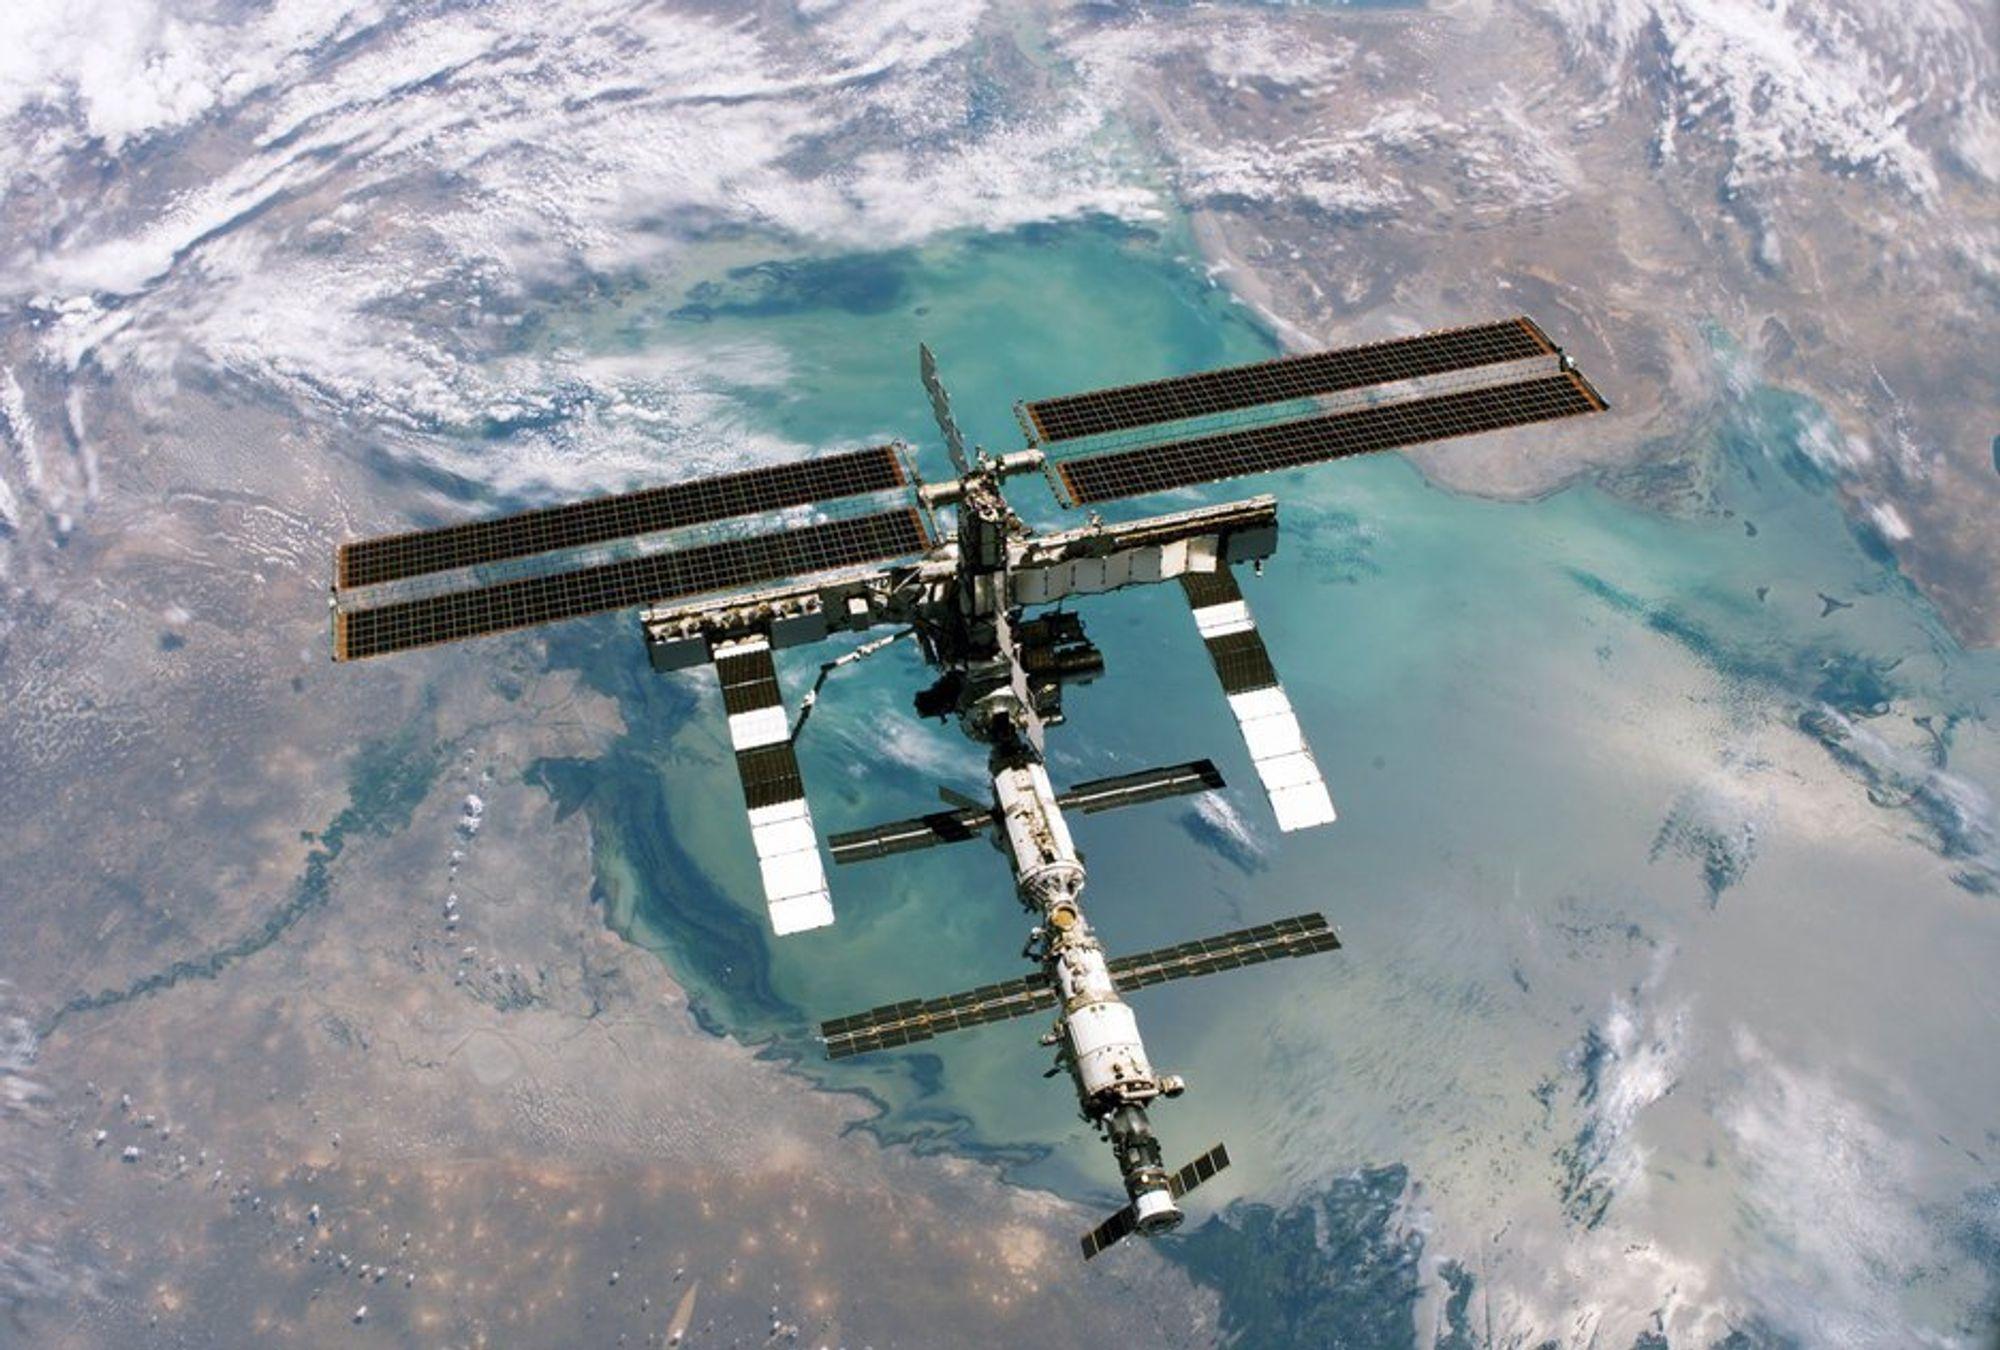 ISS: Dersom du er heldig, er det mulig favorittmusikken din snart vil bli spilt for full guffe i den internasjonale romstasjonen.